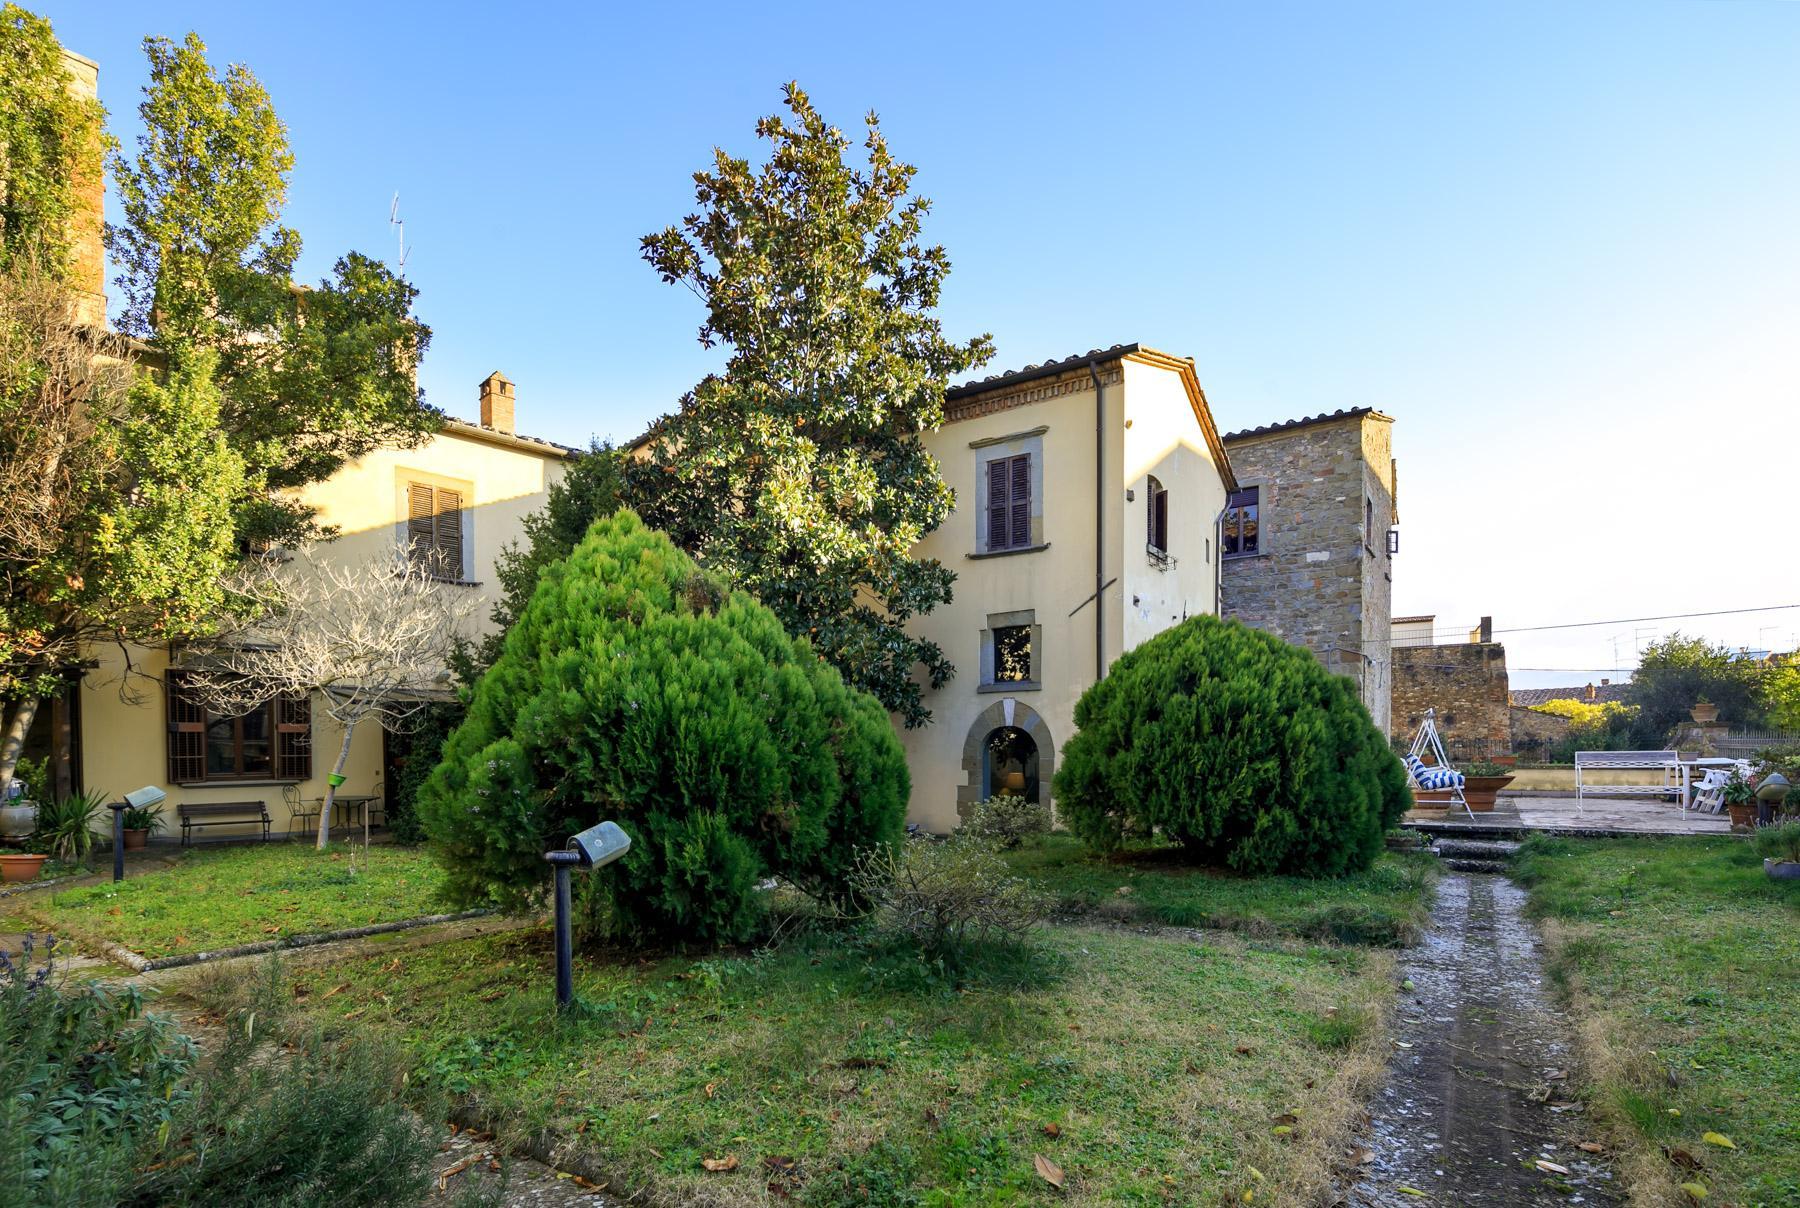 Palazzo Rinascimentale in Vendita a pochi passi da Piazza Grande, Arezzo - 21